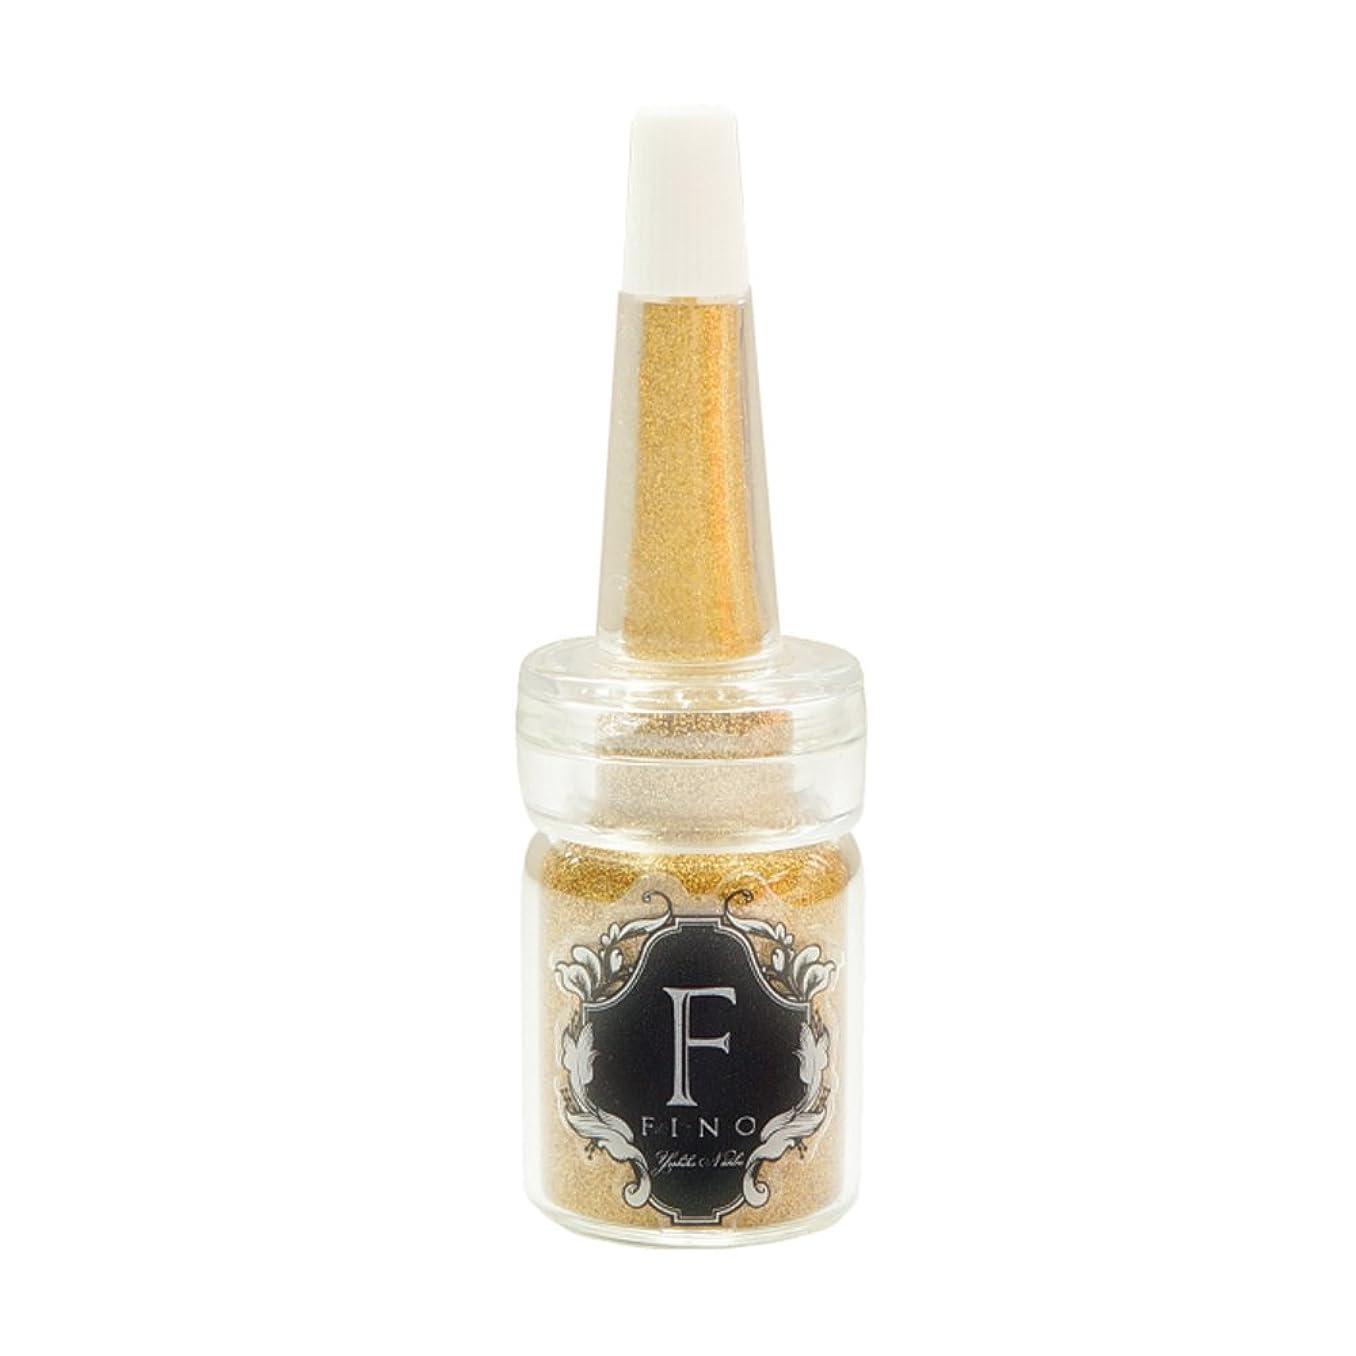 親密な悪因子ナンセンスBonnail Fino(フィノ)エクララメ ファインゴールド 5g